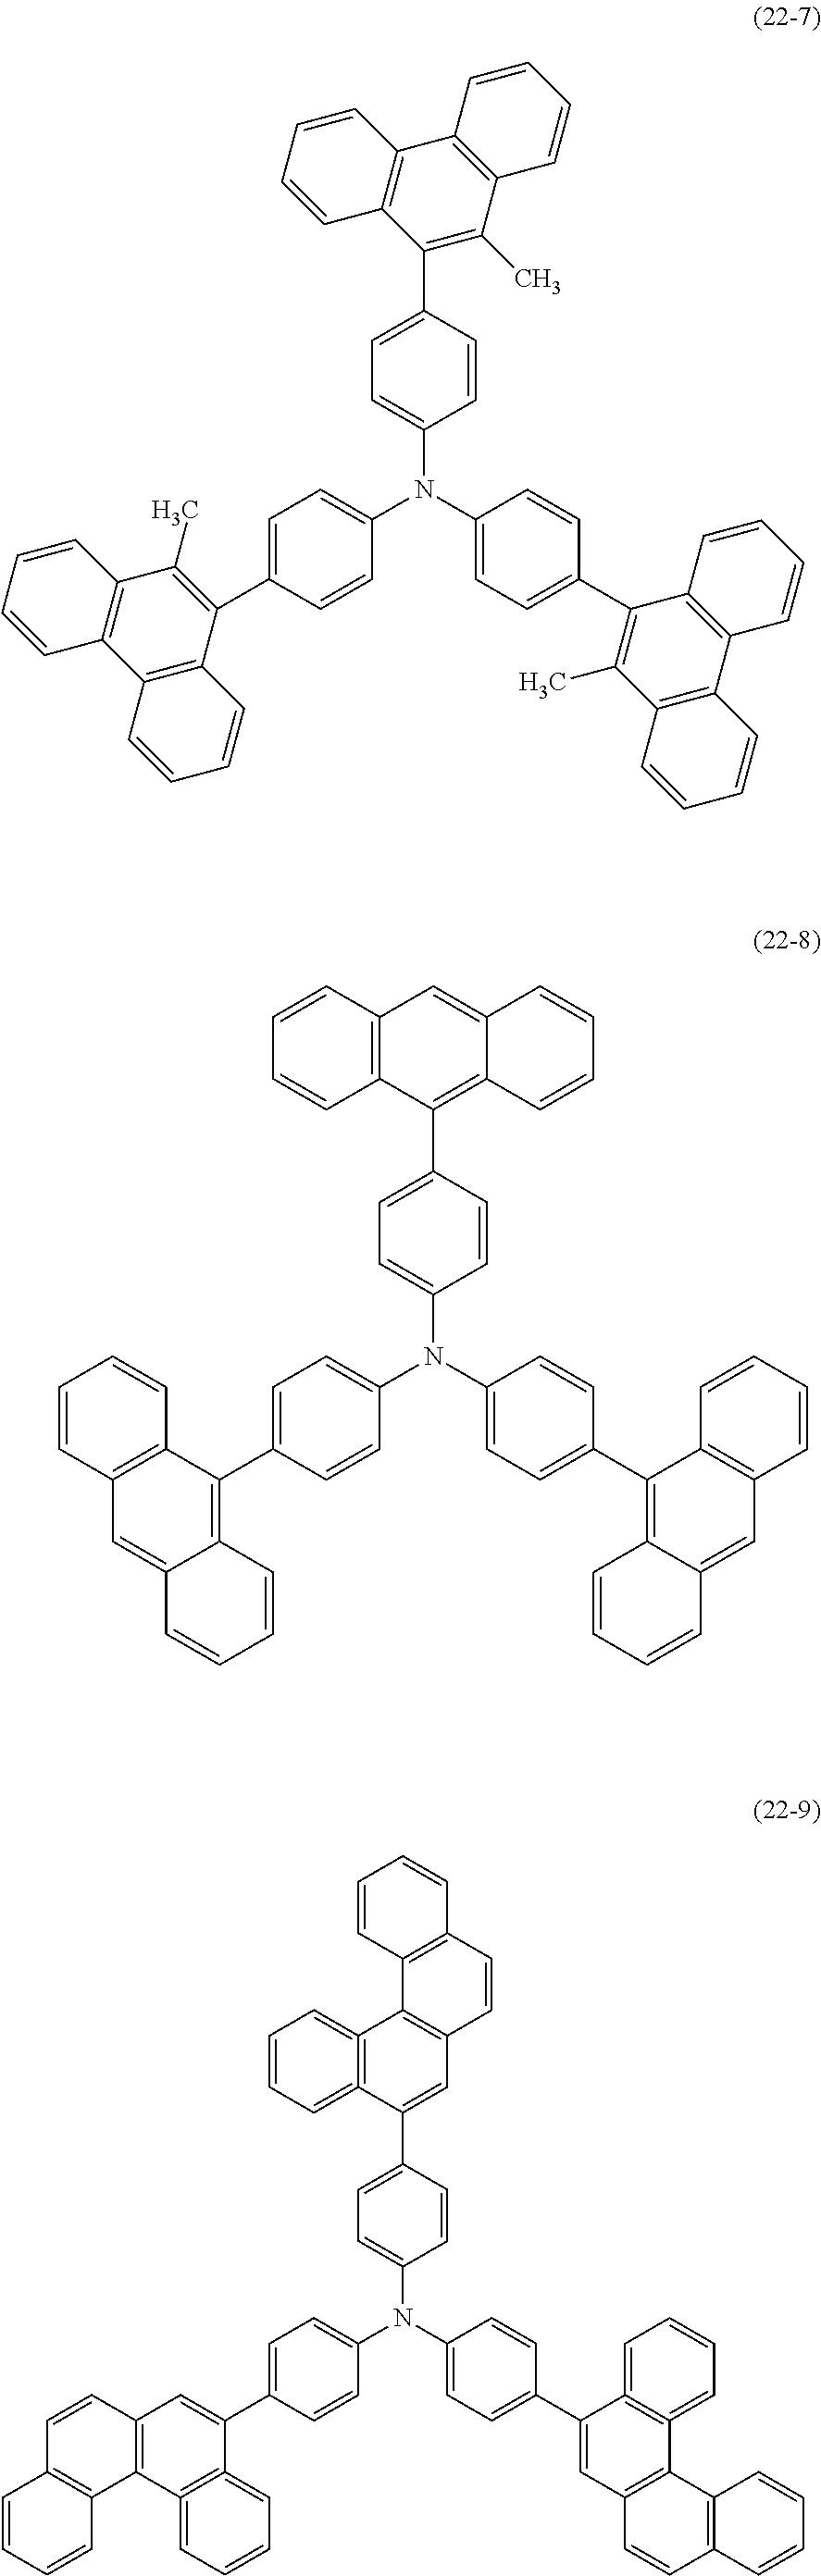 Figure US09257663-20160209-C00038